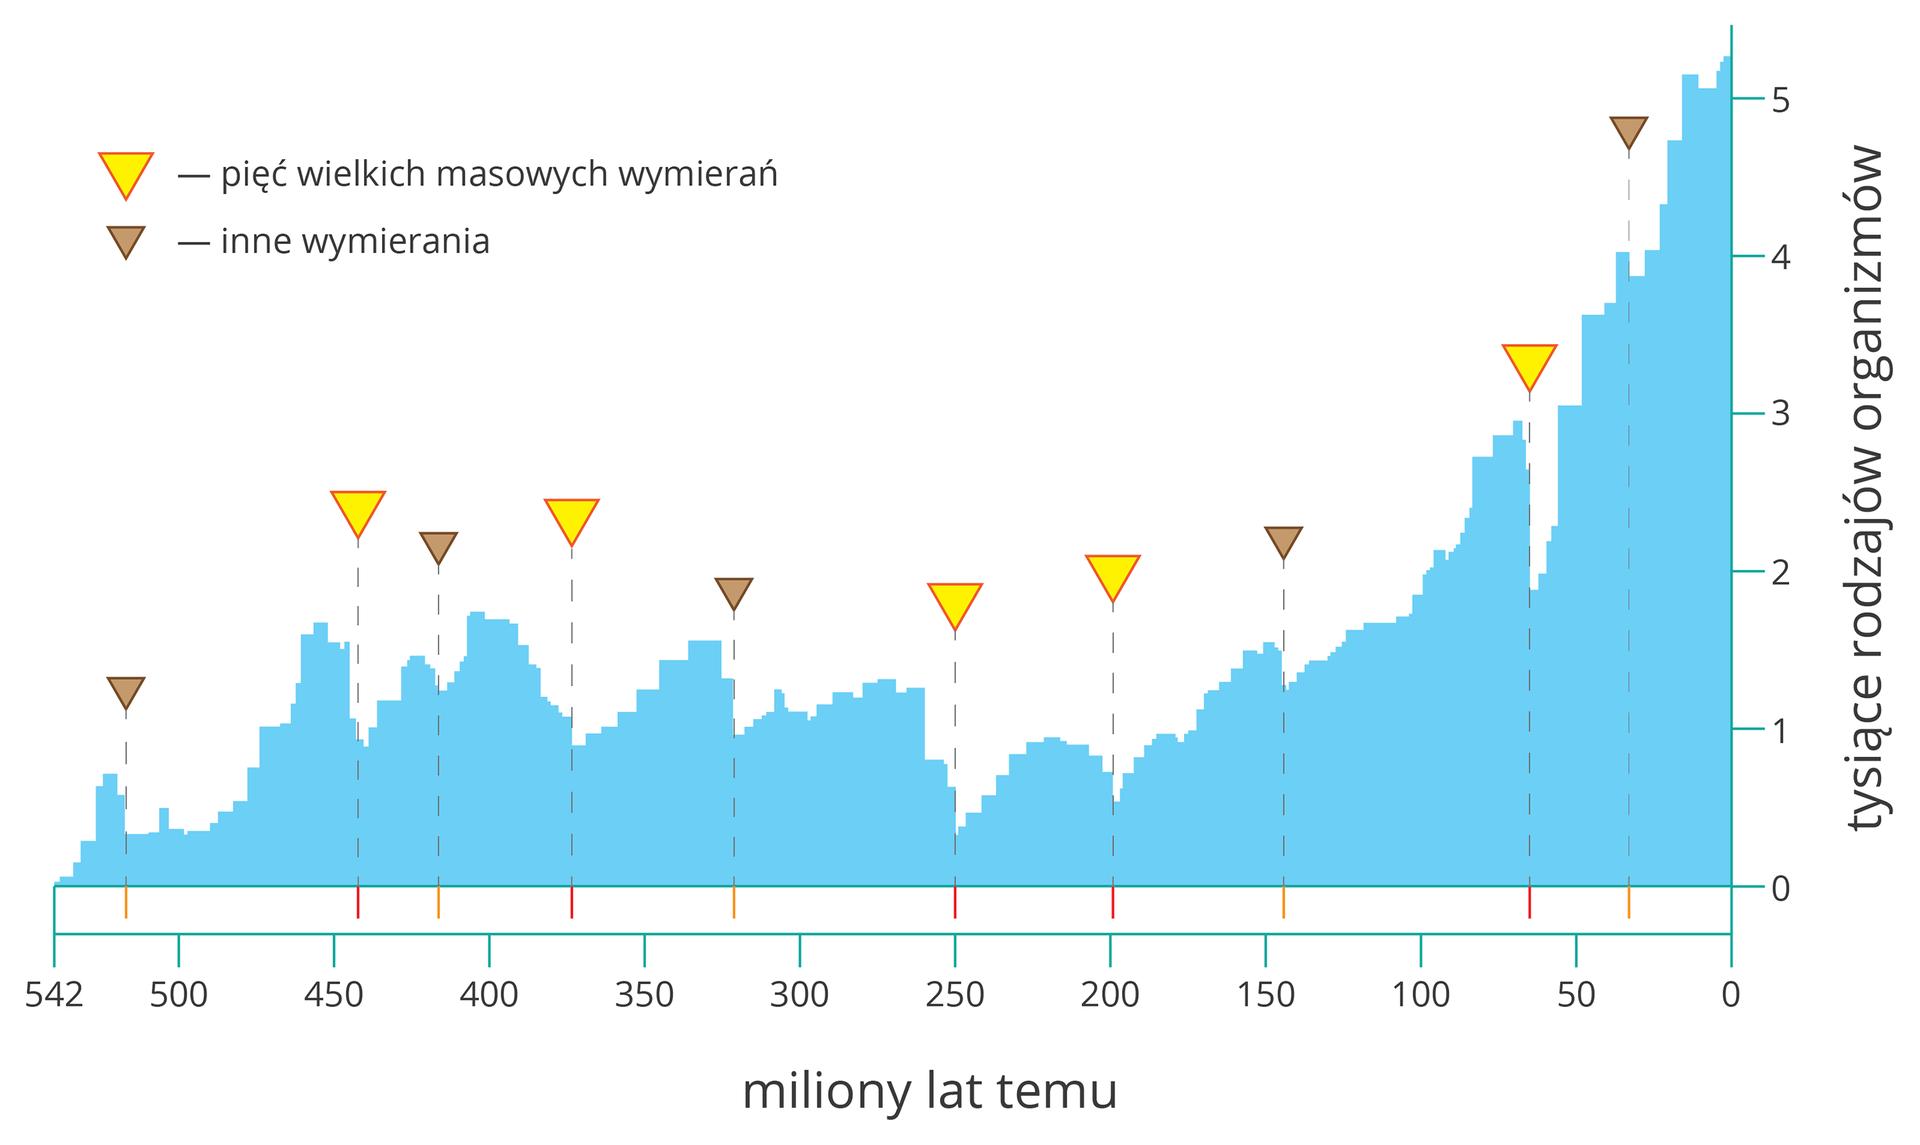 Aplikacja przedstawia mIlustracja przedstawia diagram słupkowy wkolorze błękitnym. Oś Xwyskalowano od prawej do lewej ipodpisano: miliony lat temu. Oś Ypodpisano: tysiące rodzajów organizmów iwyskalowano do pięciu. Żółte trójkąty oznaczają masowe wymierania. Brązowe trójkąty symbolizują inne wymierania.